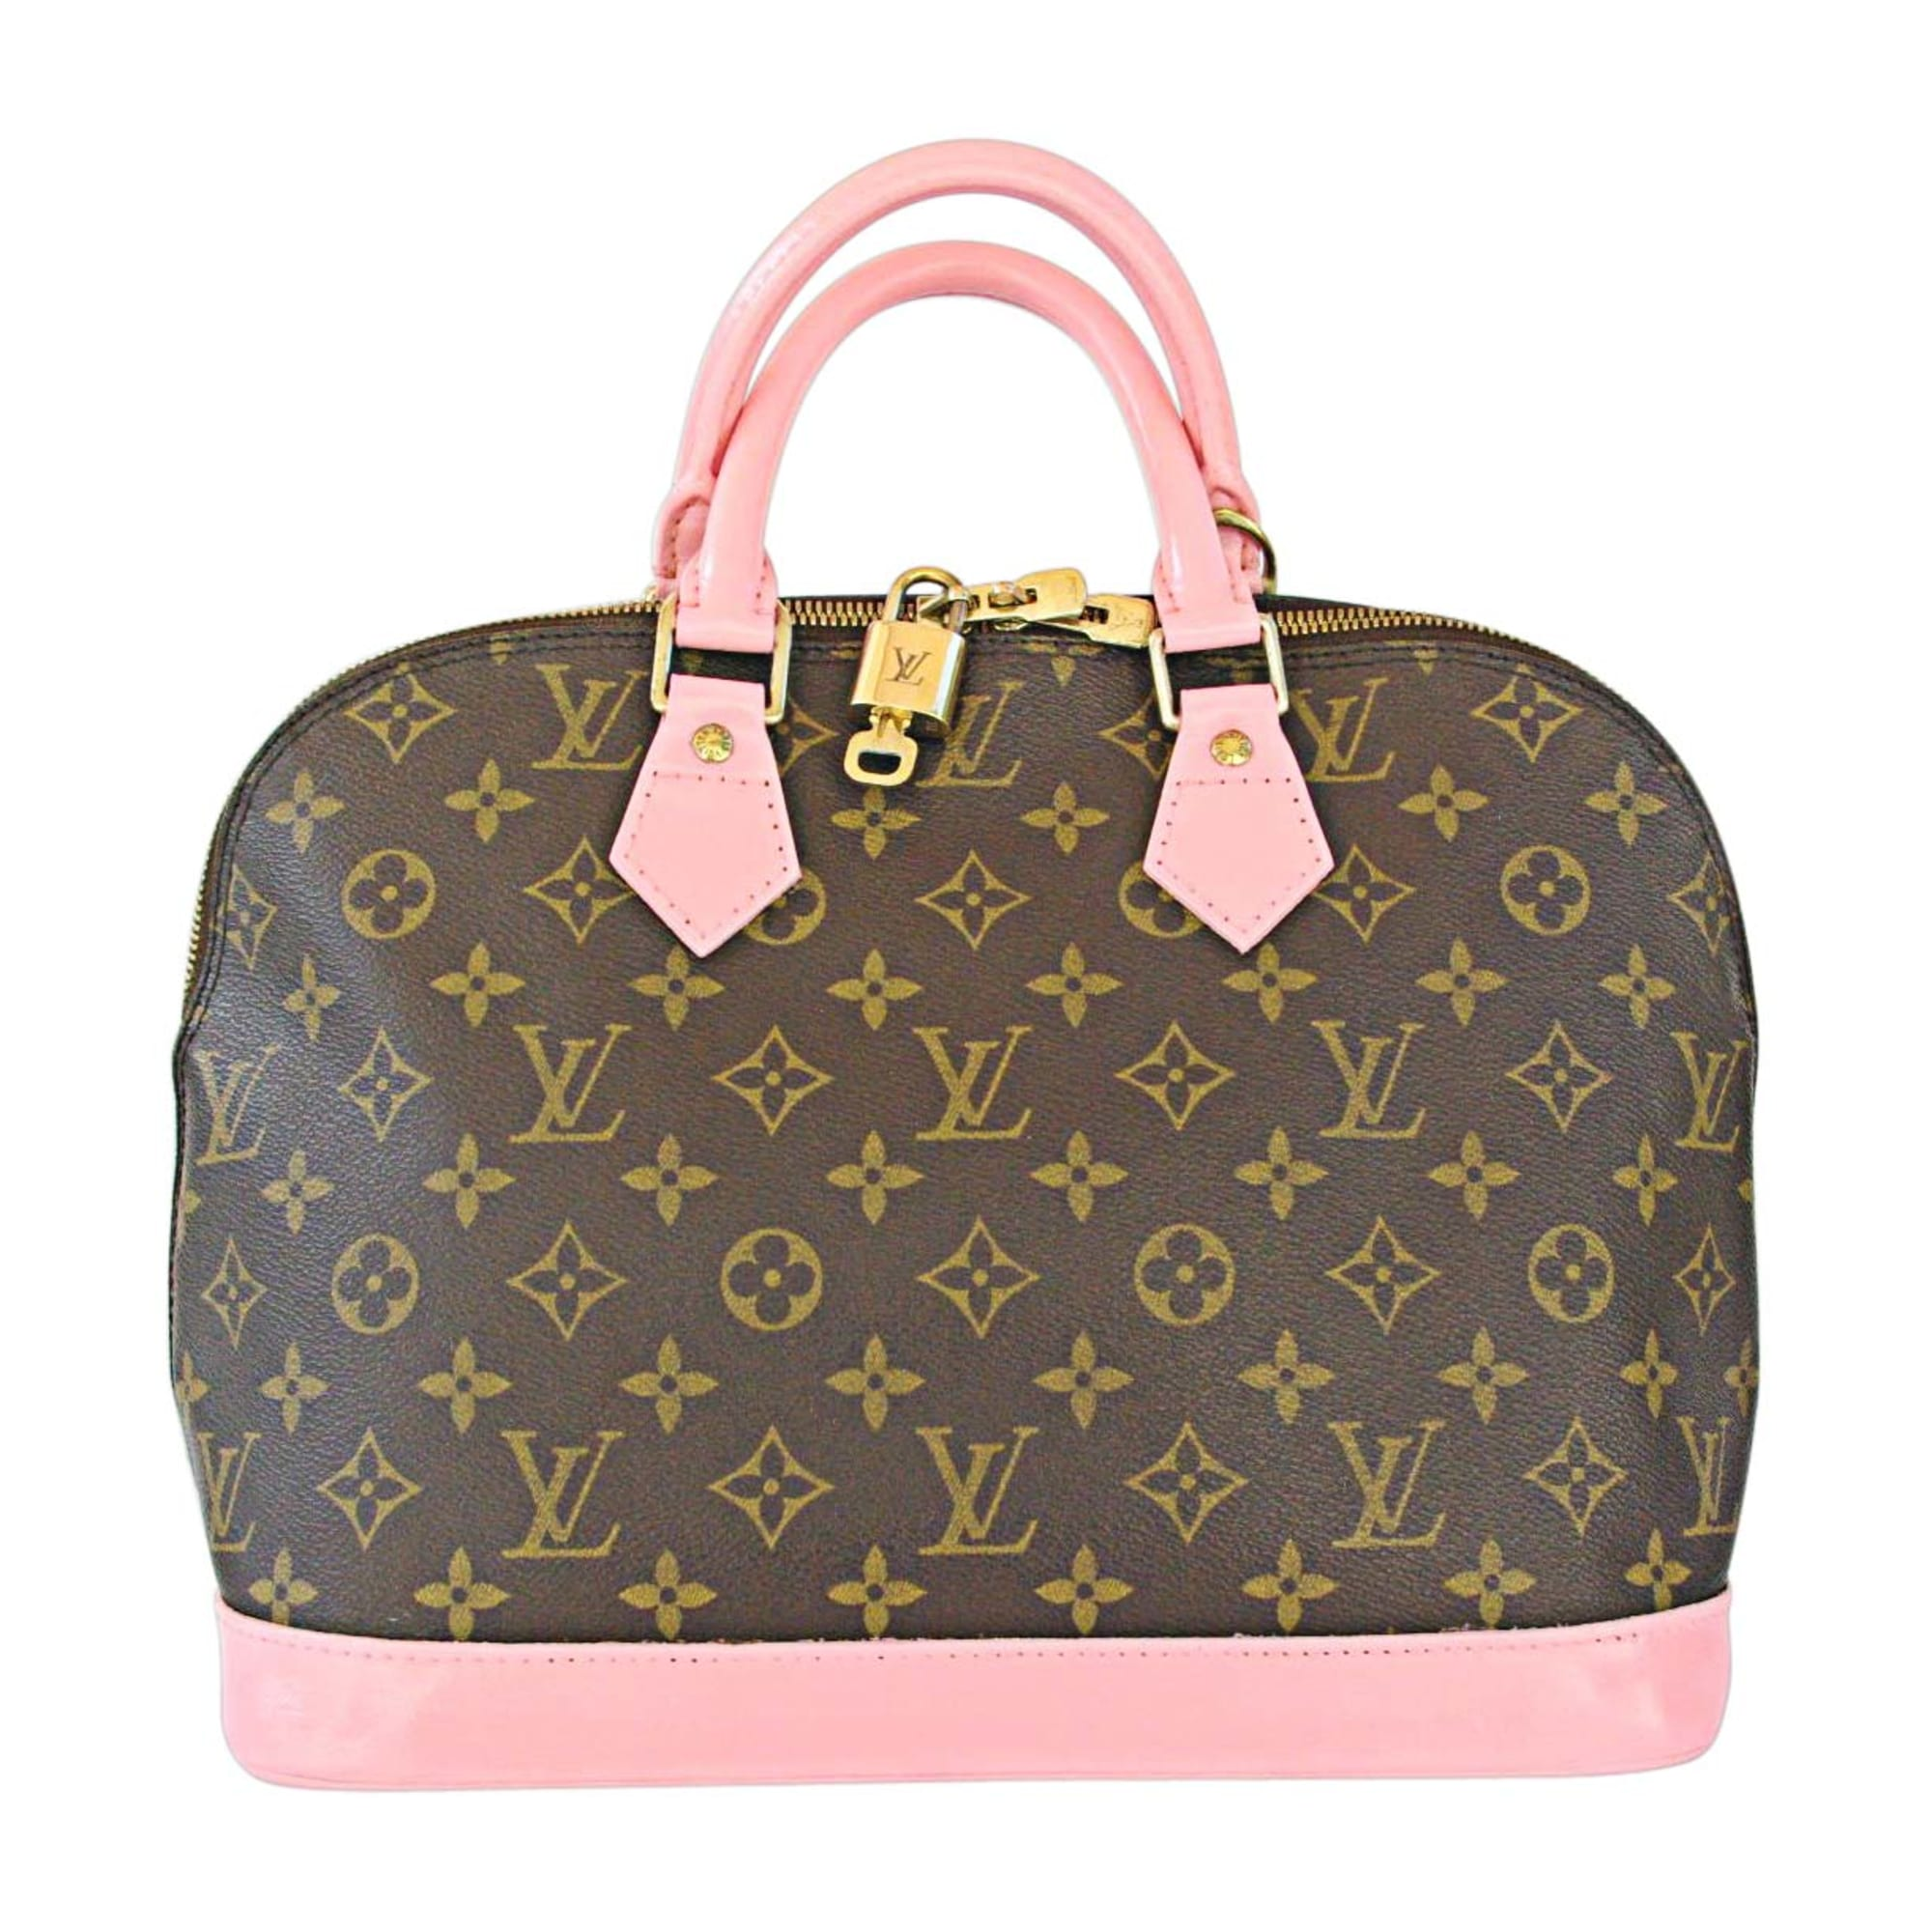 Sac à main en cuir LOUIS VUITTON alma rose vendu par L-comme-luxe ... 292ff7971701